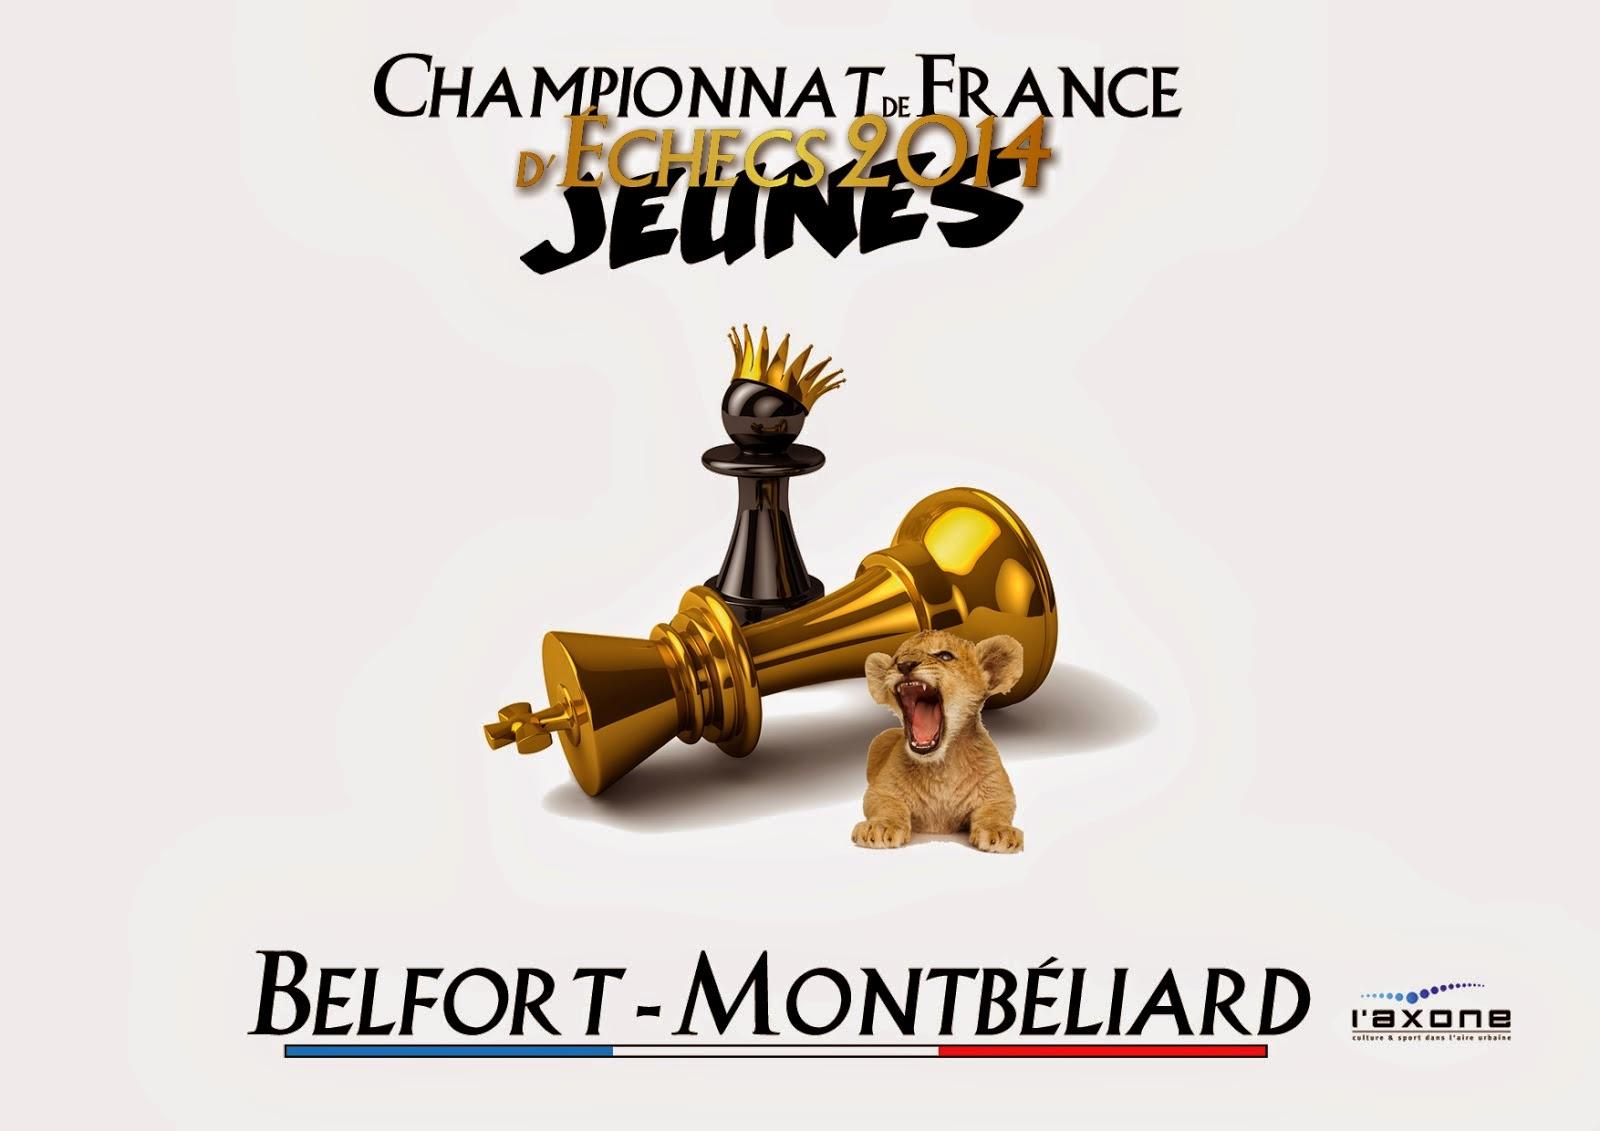 Championnats de France d'échecs Jeunes 2014